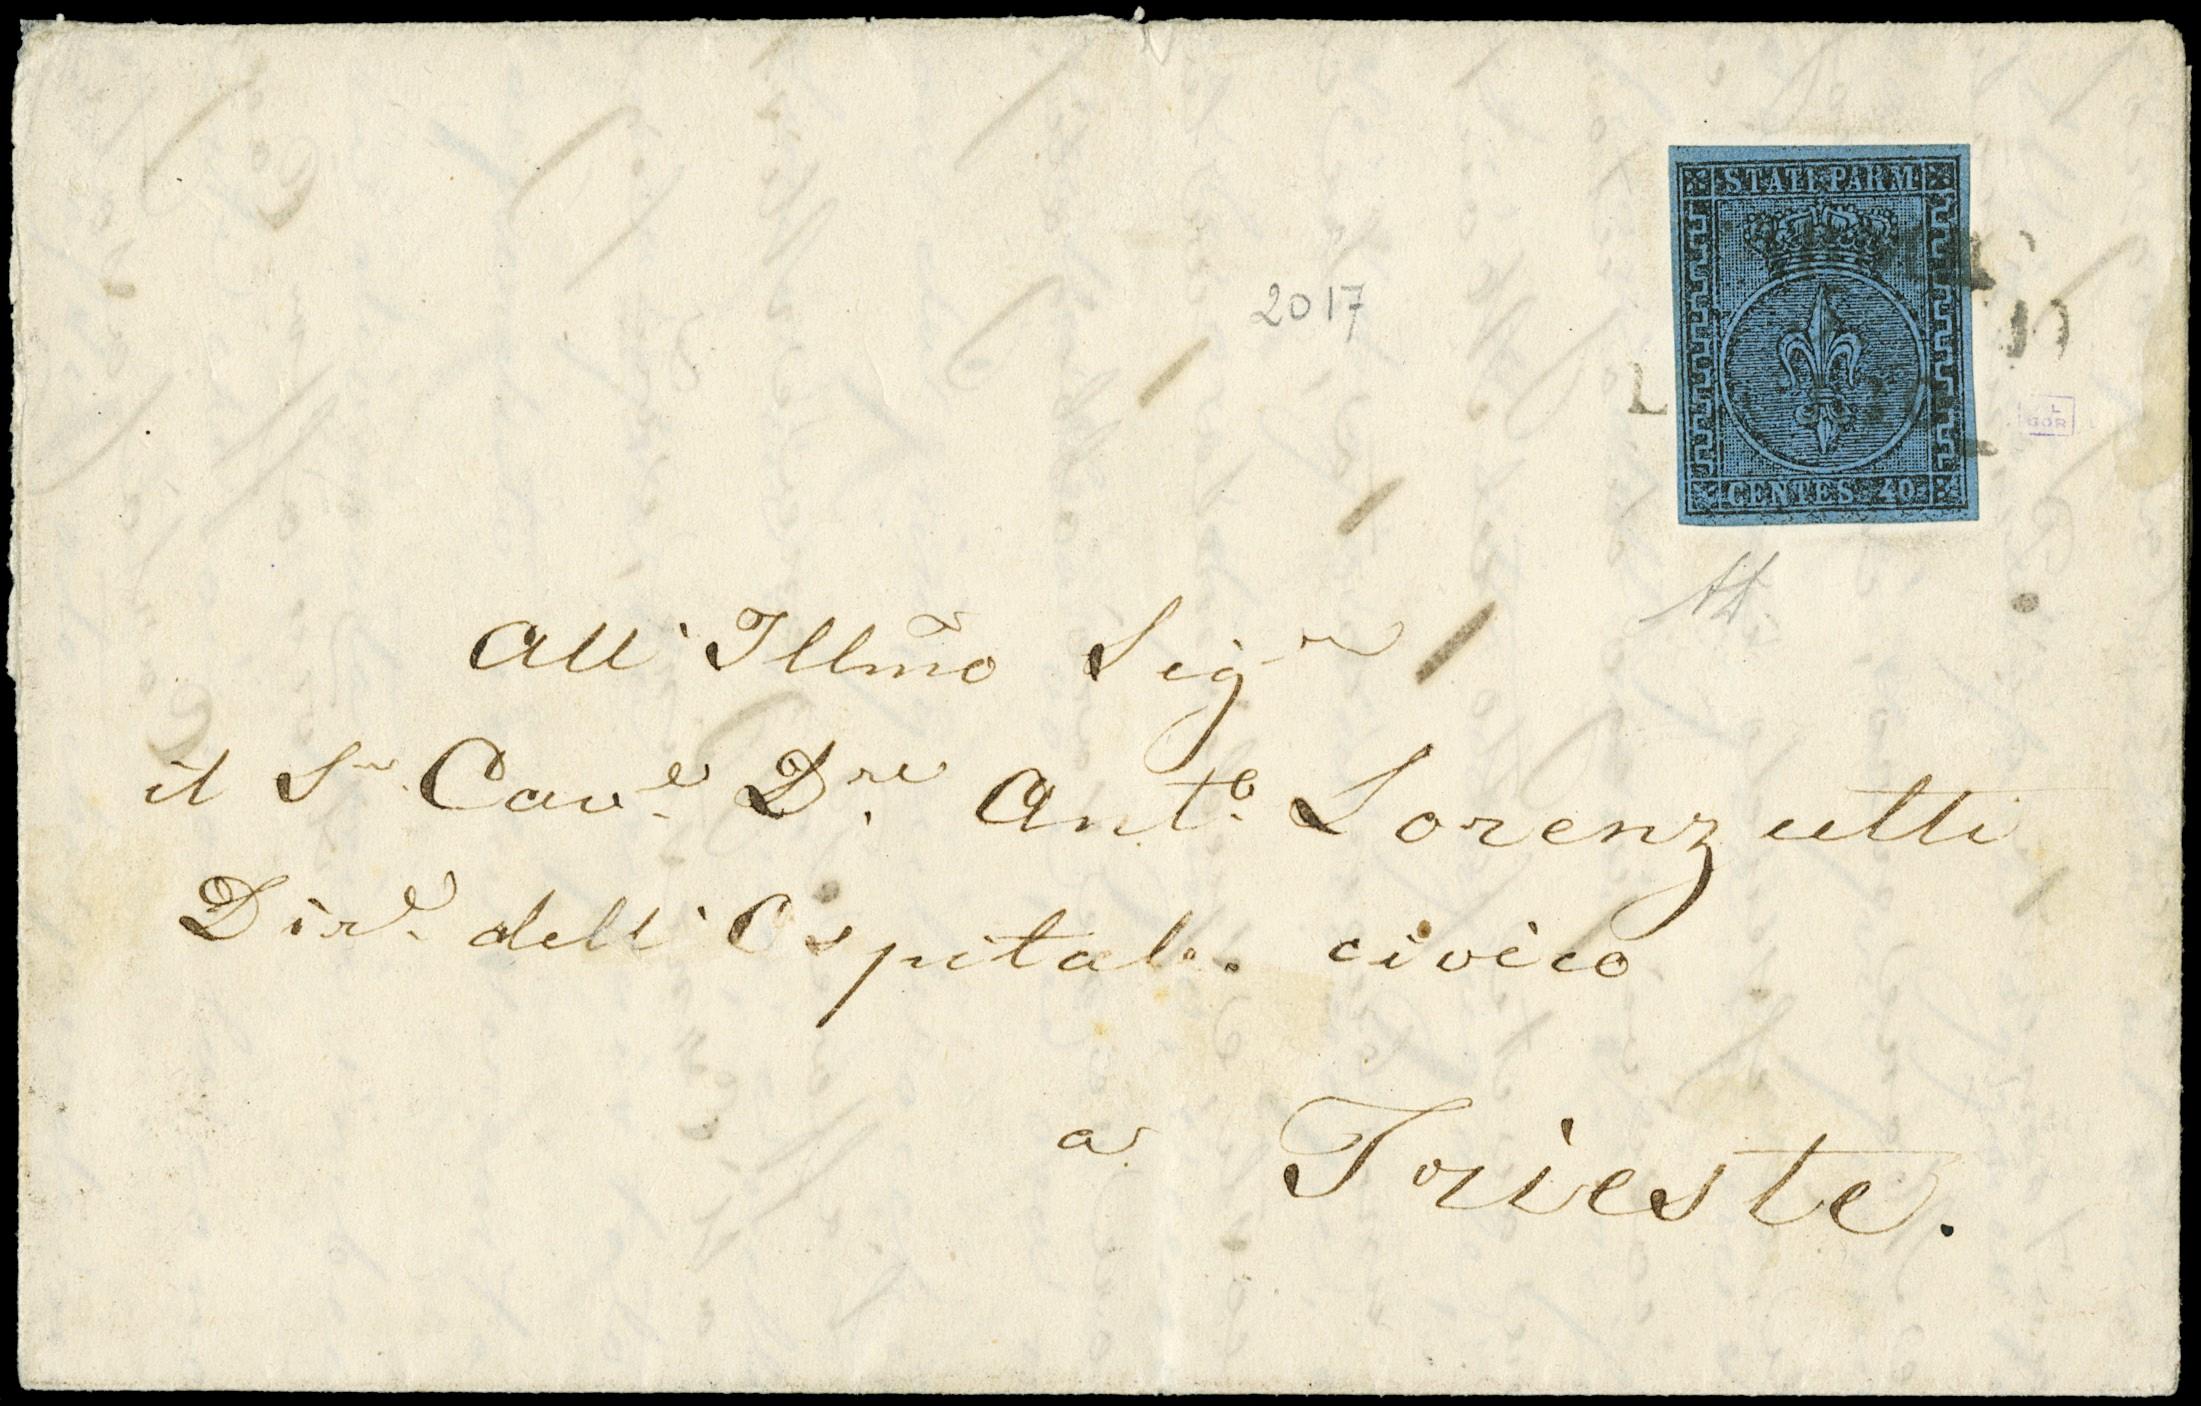 Lot 4020 - parma lotti e collezioni -  Zanaria Aste s.r.l. 9th Philatelic Auction